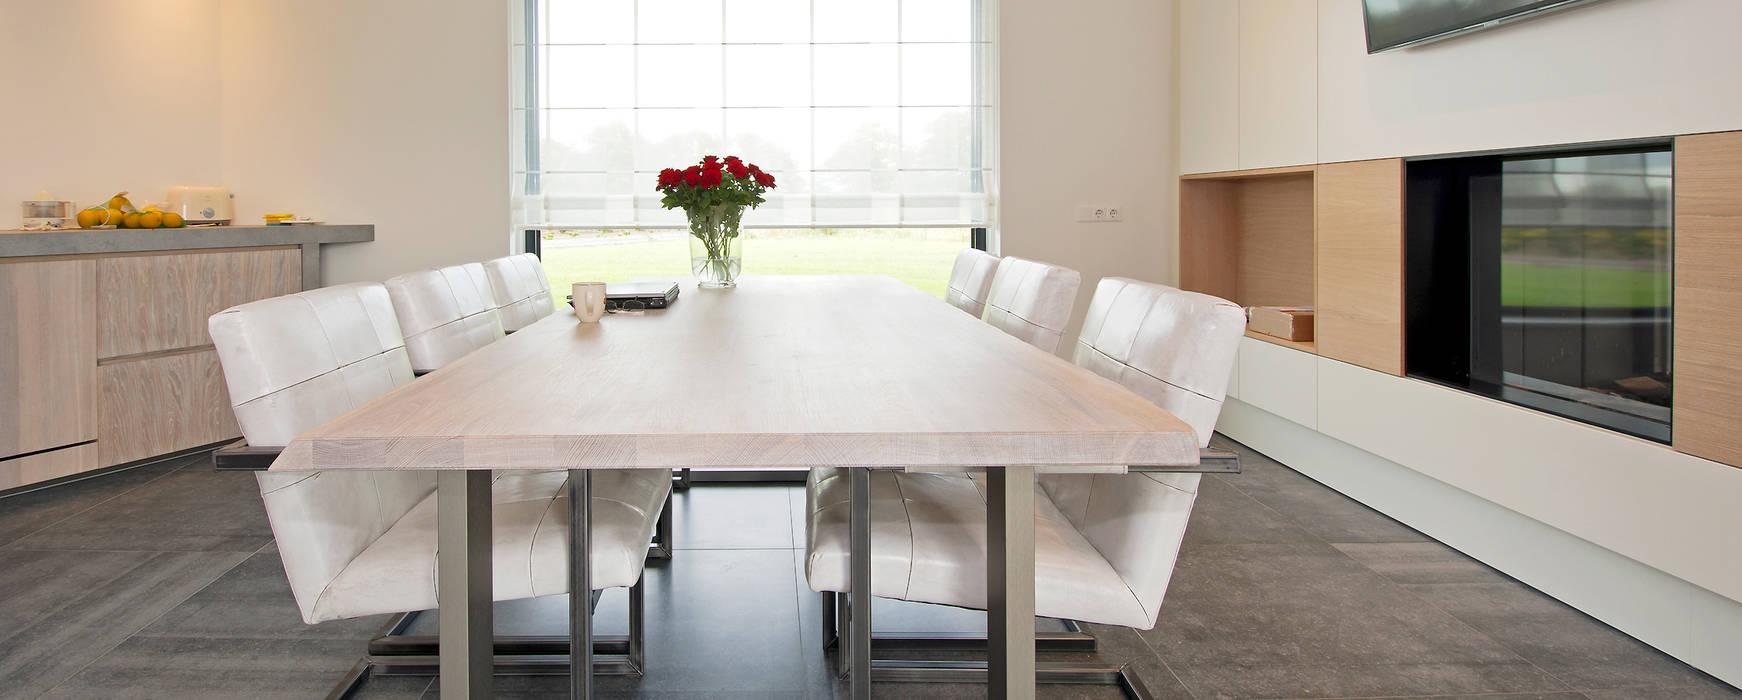 Ruime eetkeuken:  Keuken door Building Design Architectuur, Modern